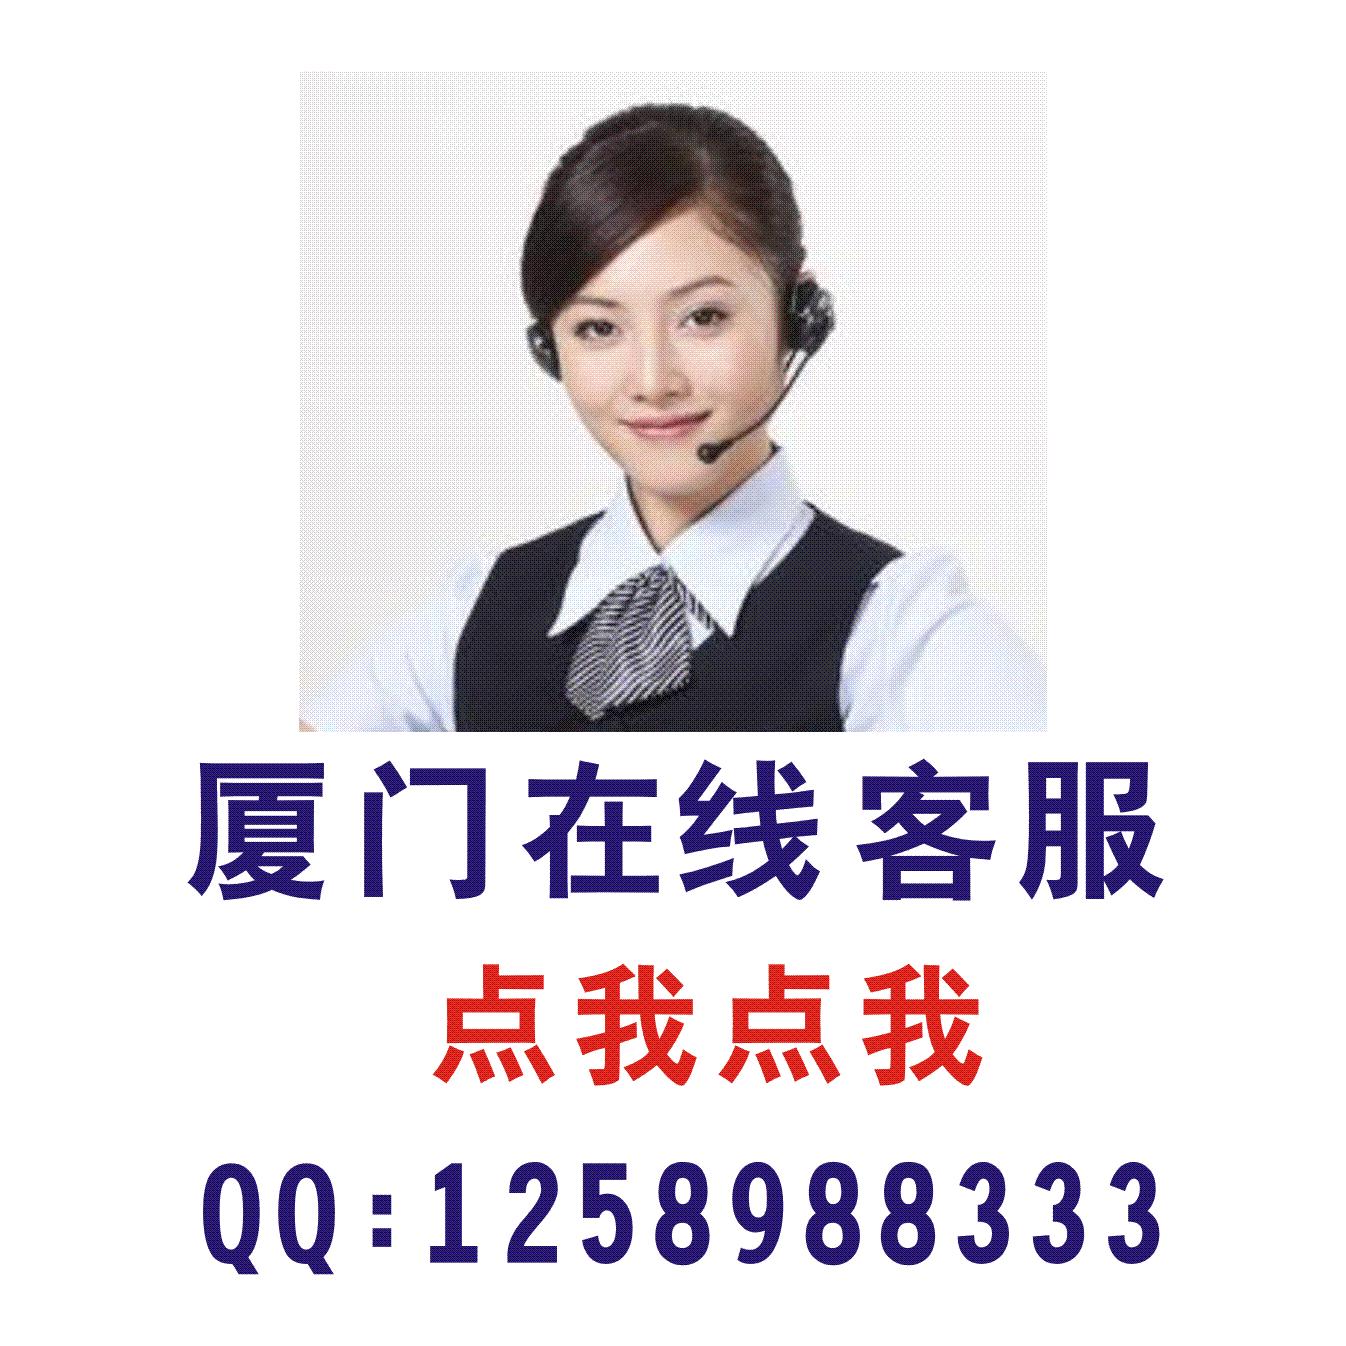 厦门客服QQ